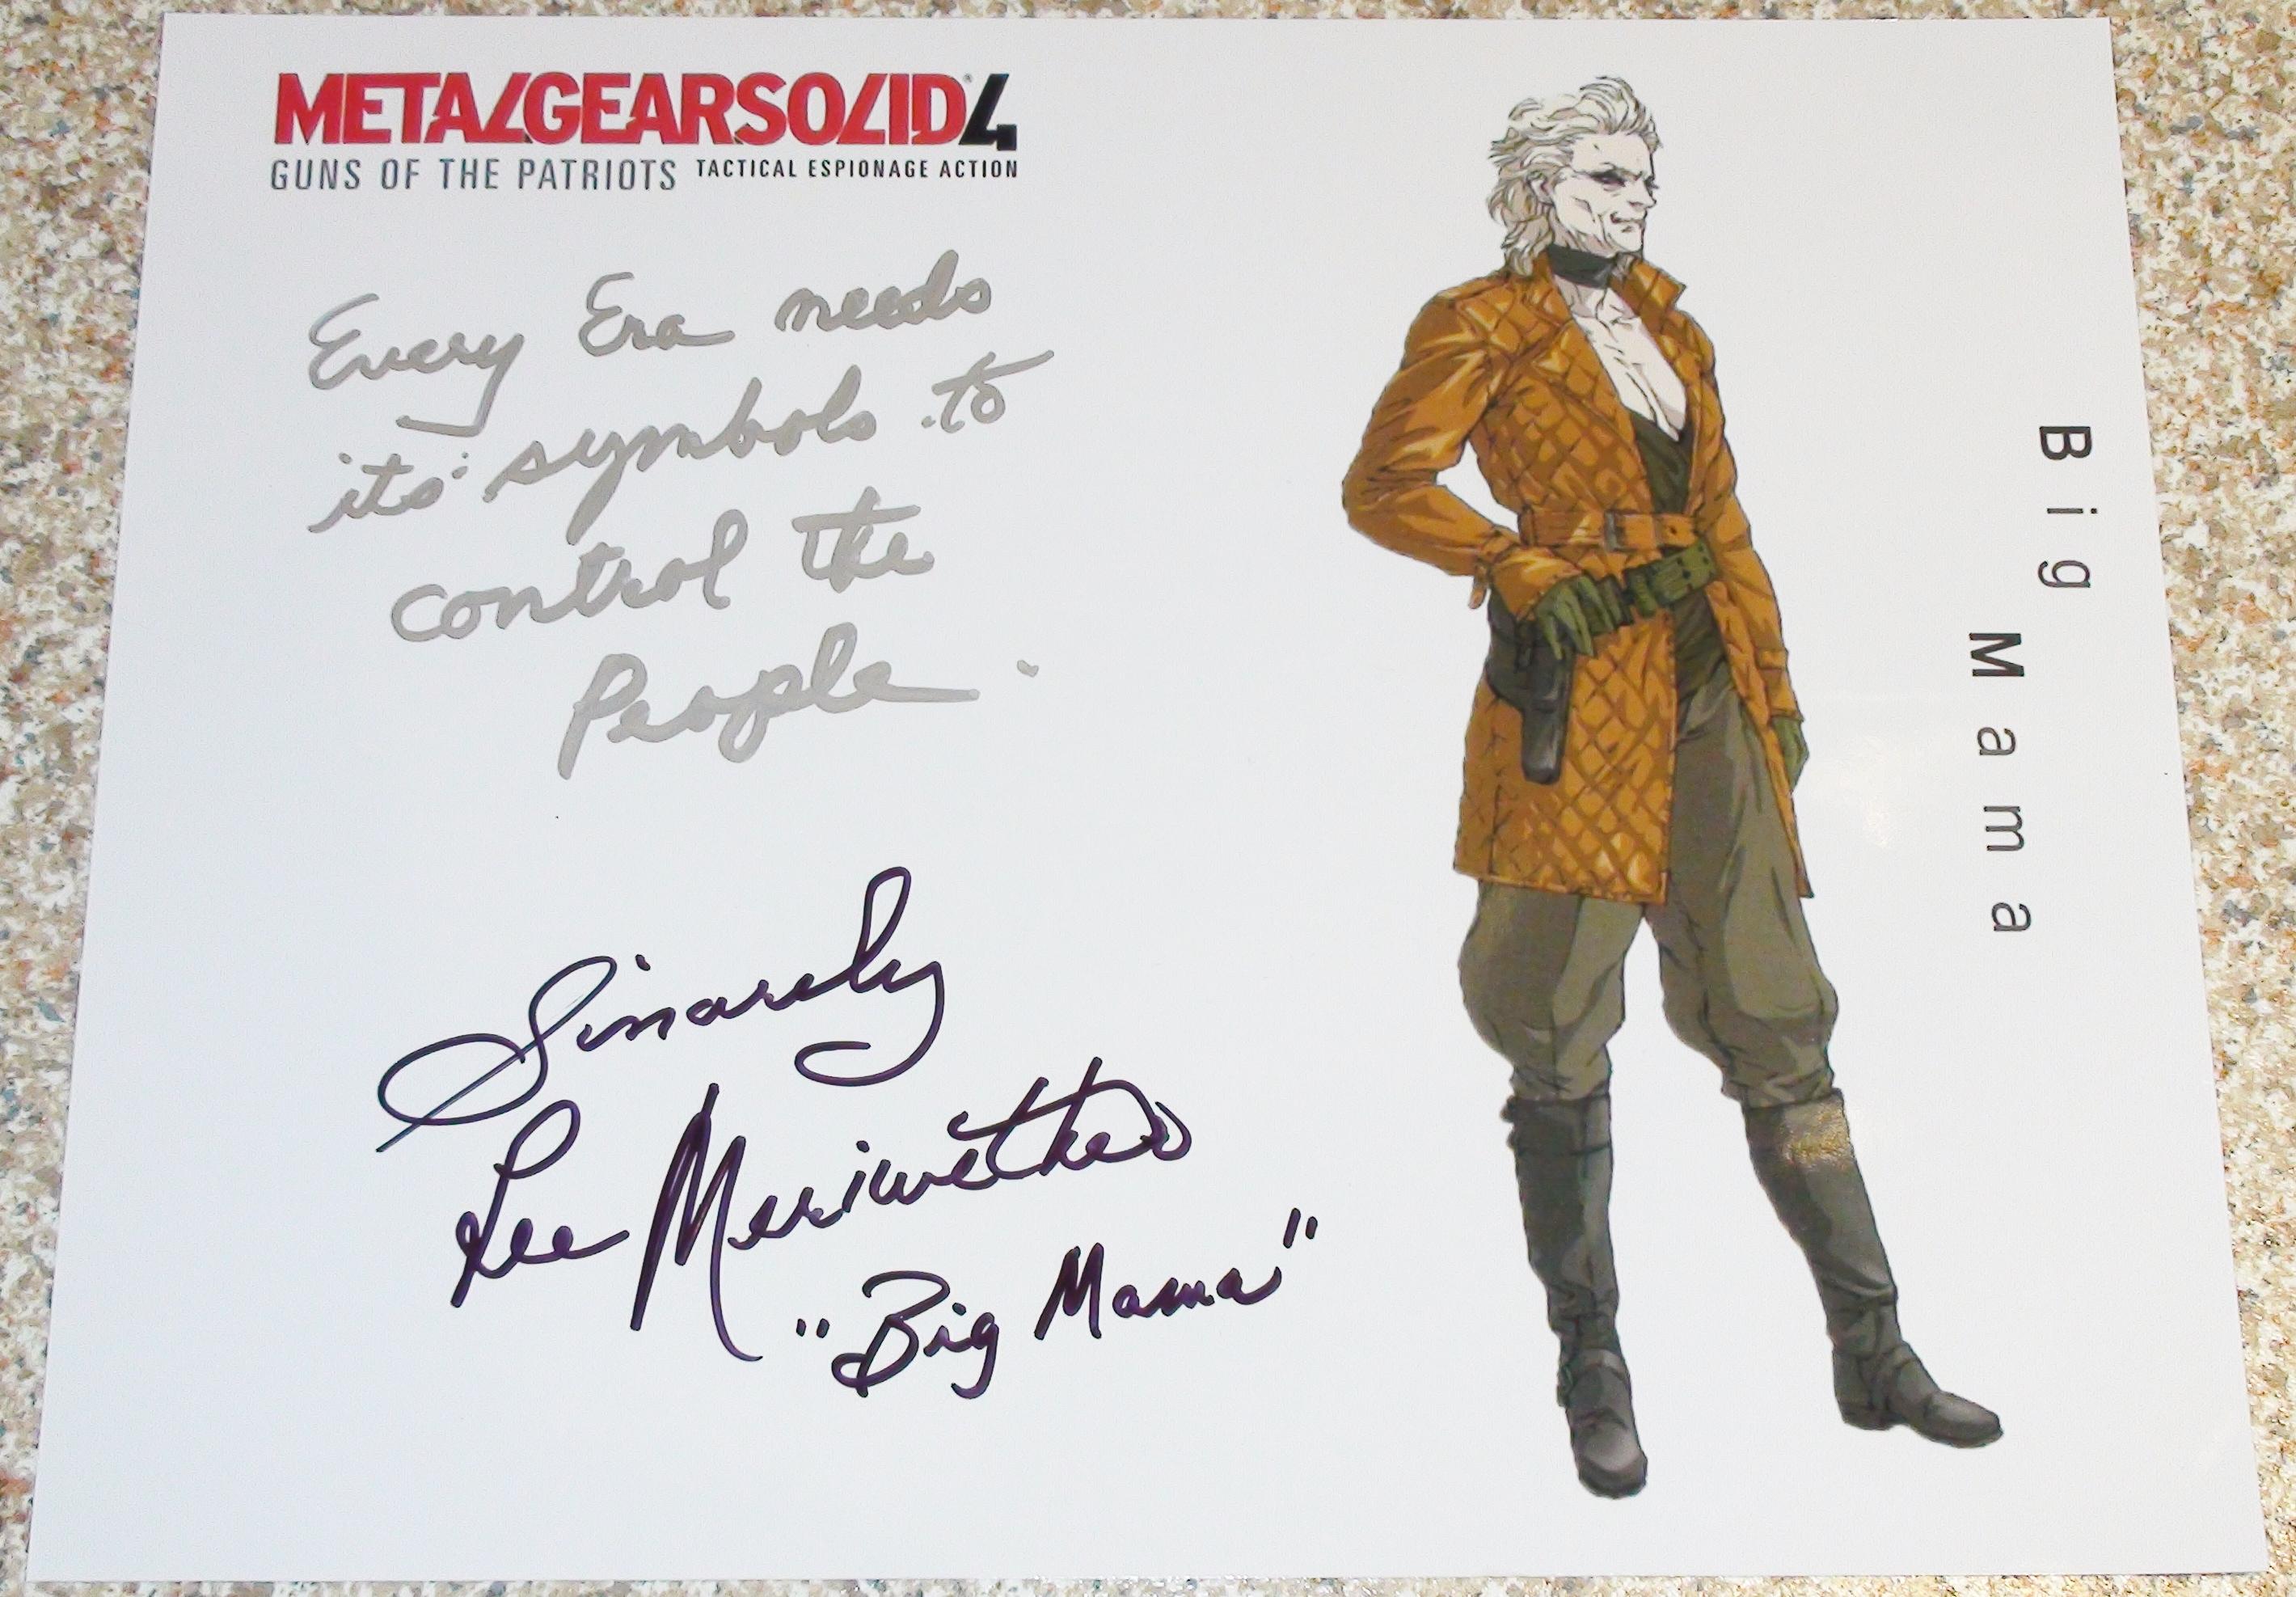 MGS 4 - Lee Meriwether